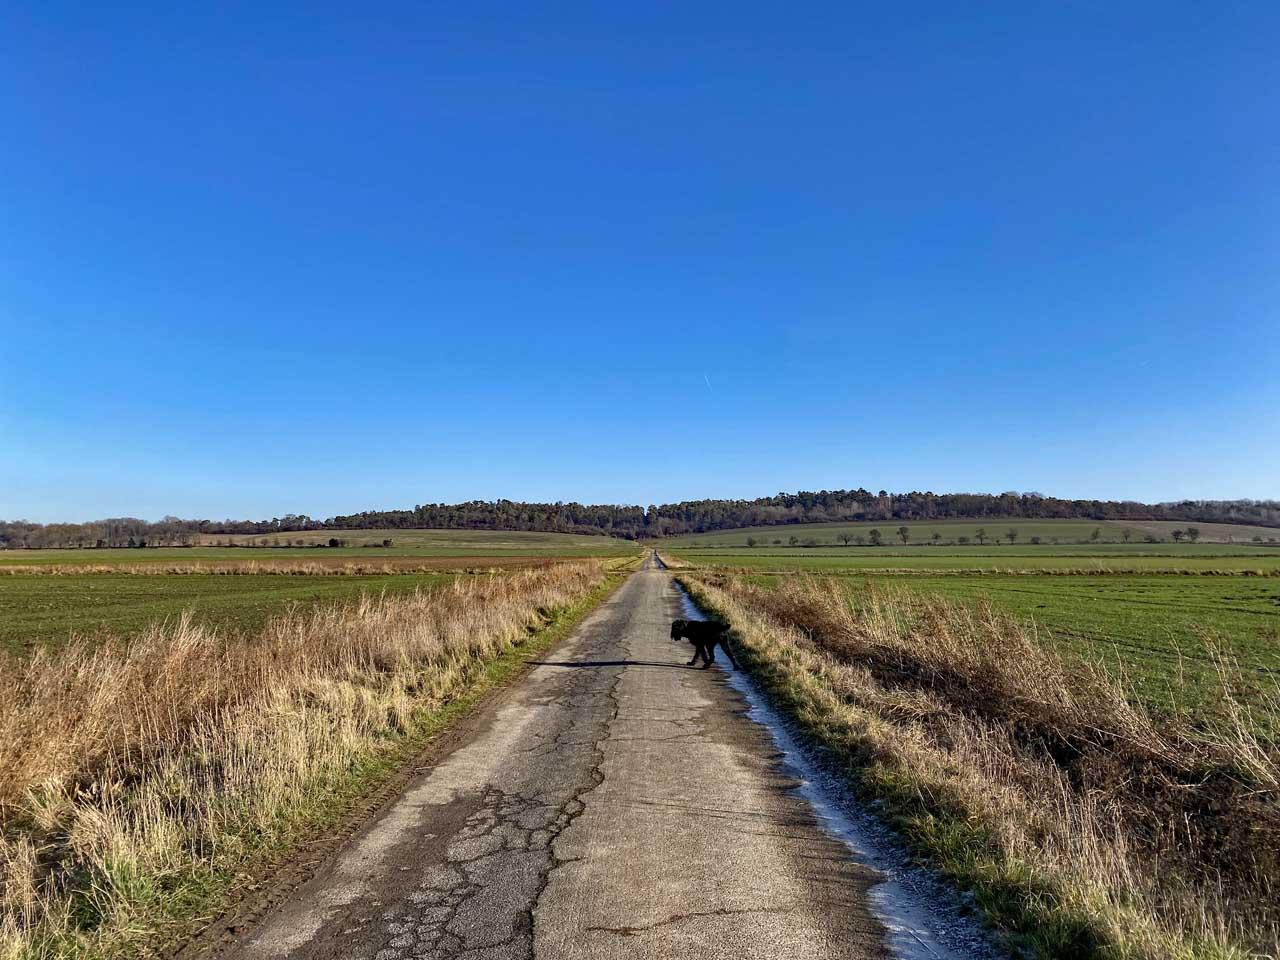 Hunderunde vor der Leinenpflicht im Hildesheimer Land